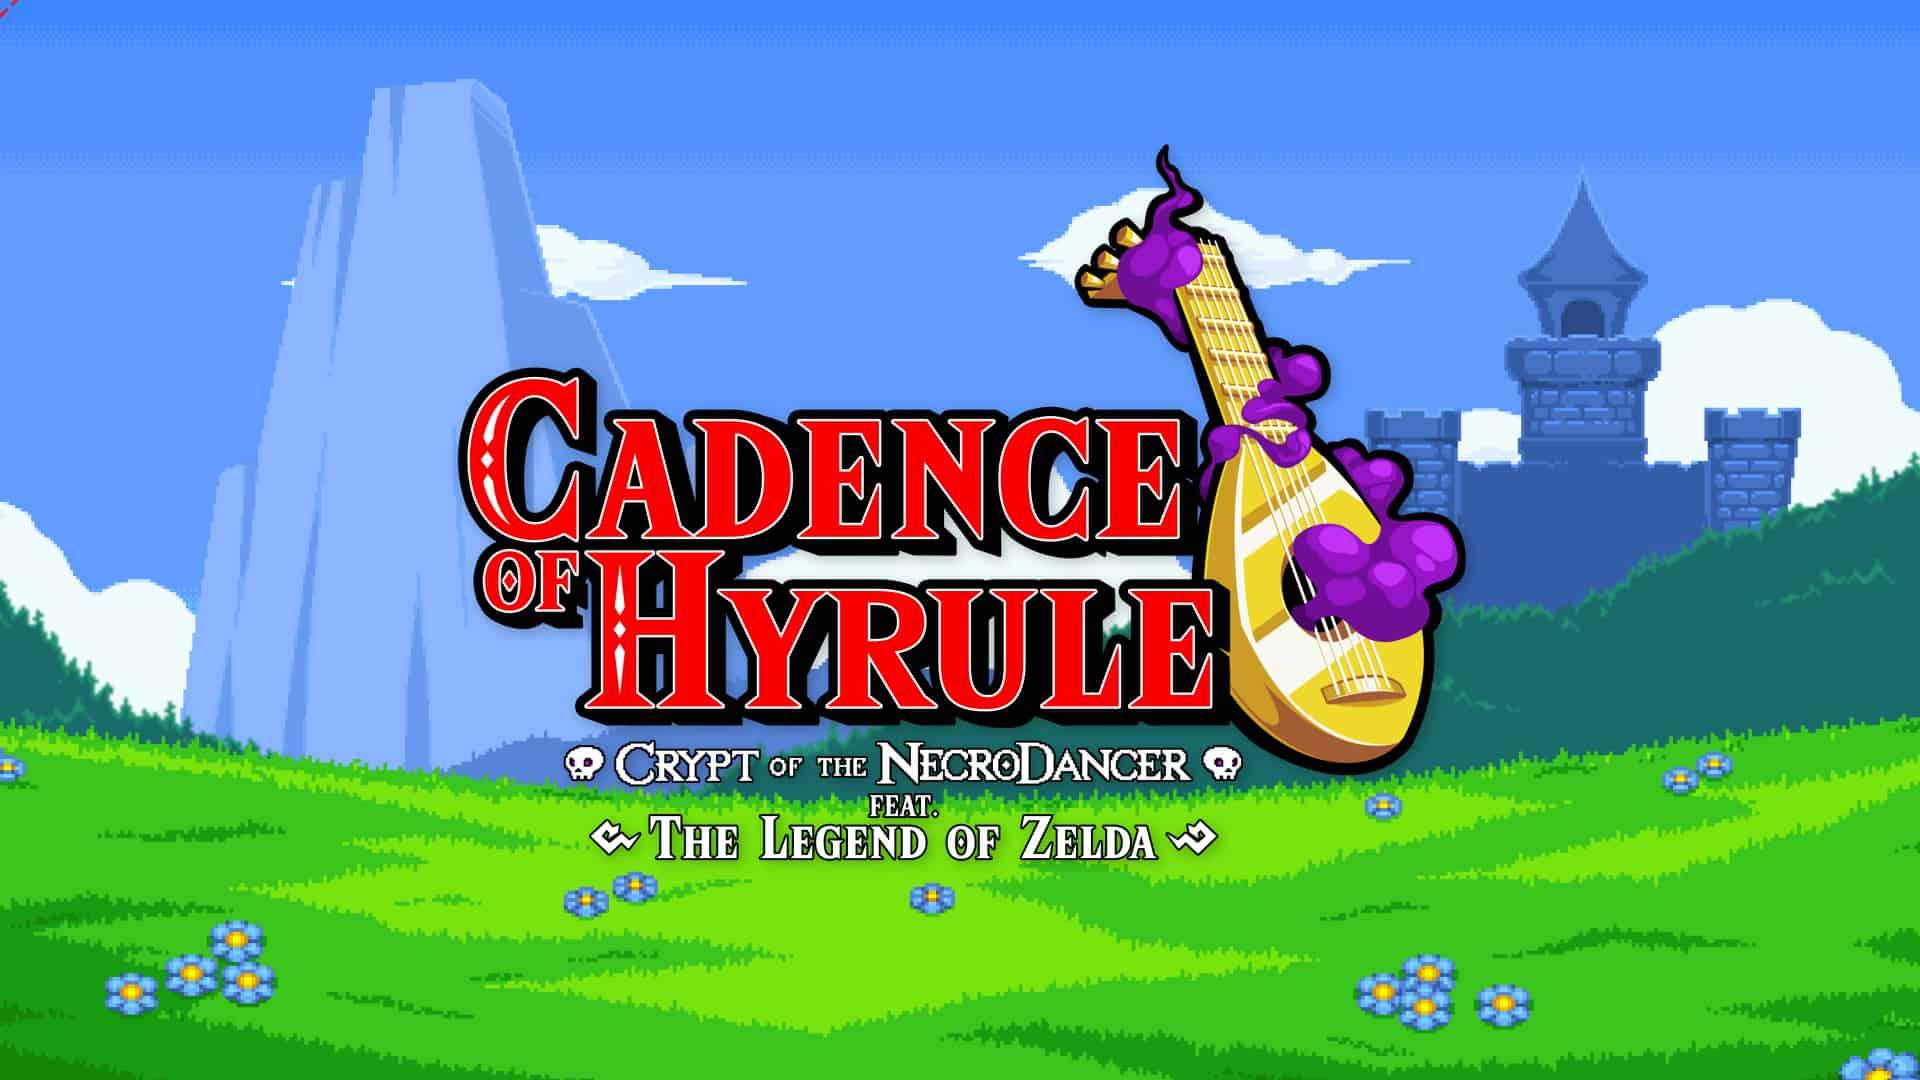 Cadence-of-Hyrule